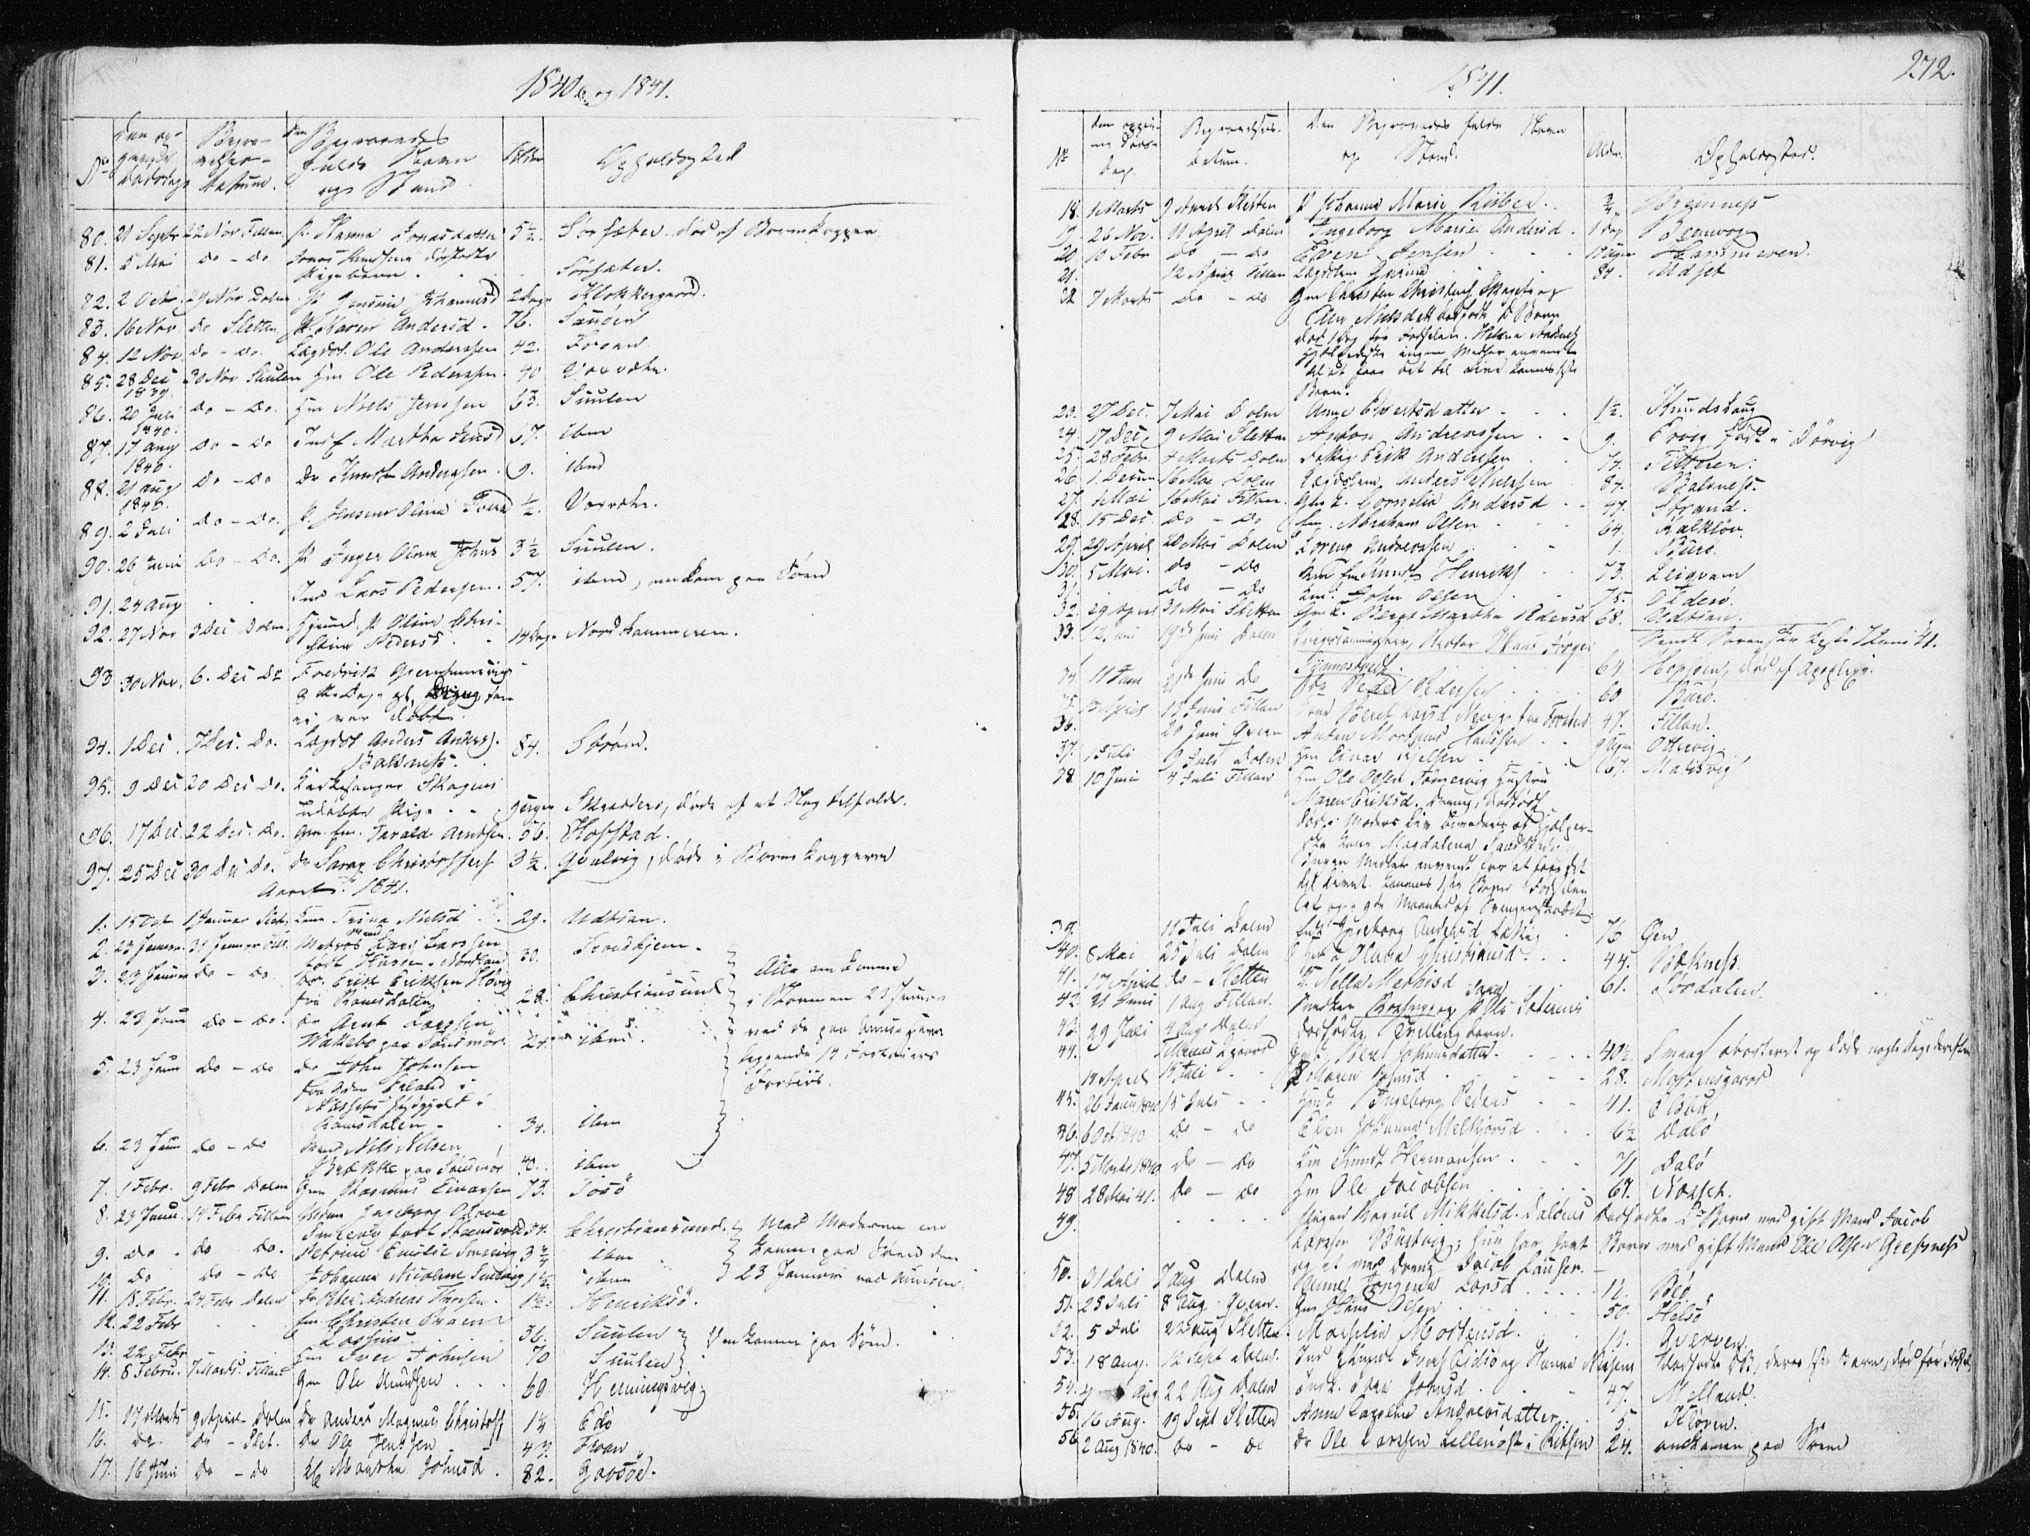 SAT, Ministerialprotokoller, klokkerbøker og fødselsregistre - Sør-Trøndelag, 634/L0528: Ministerialbok nr. 634A04, 1827-1842, s. 272